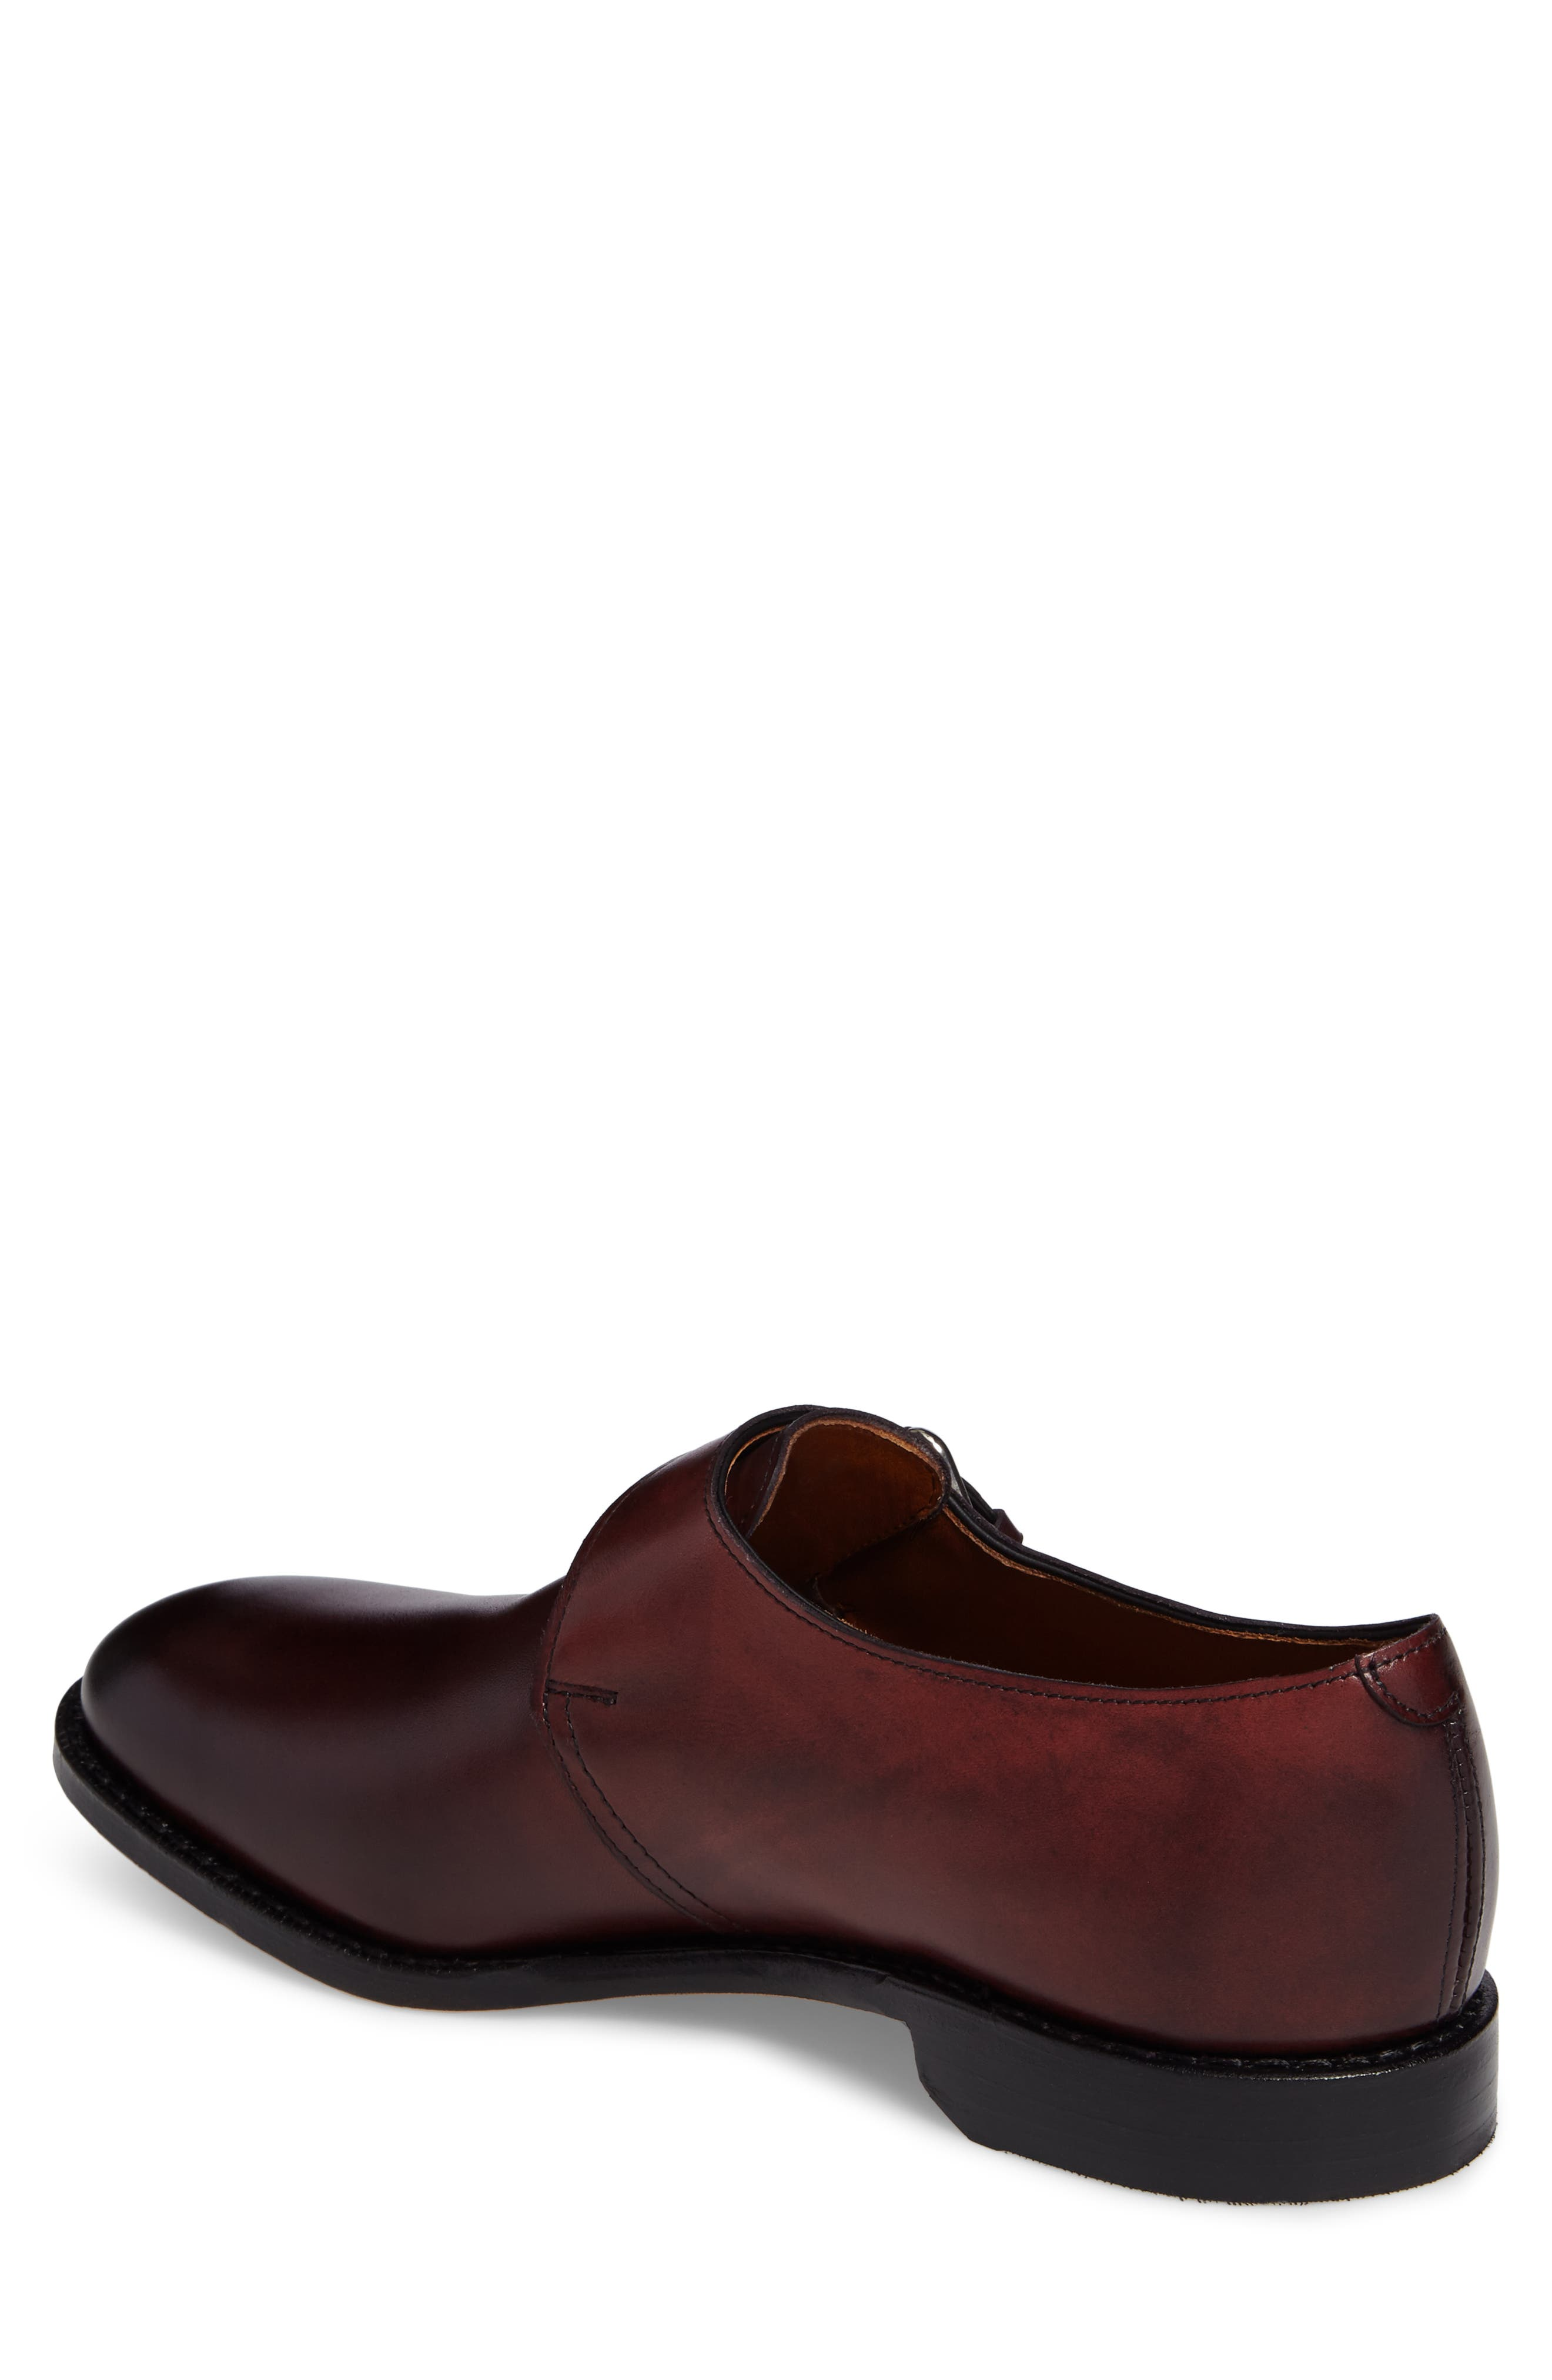 Warwick Monk Strap Shoe,                             Alternate thumbnail 2, color,                             932